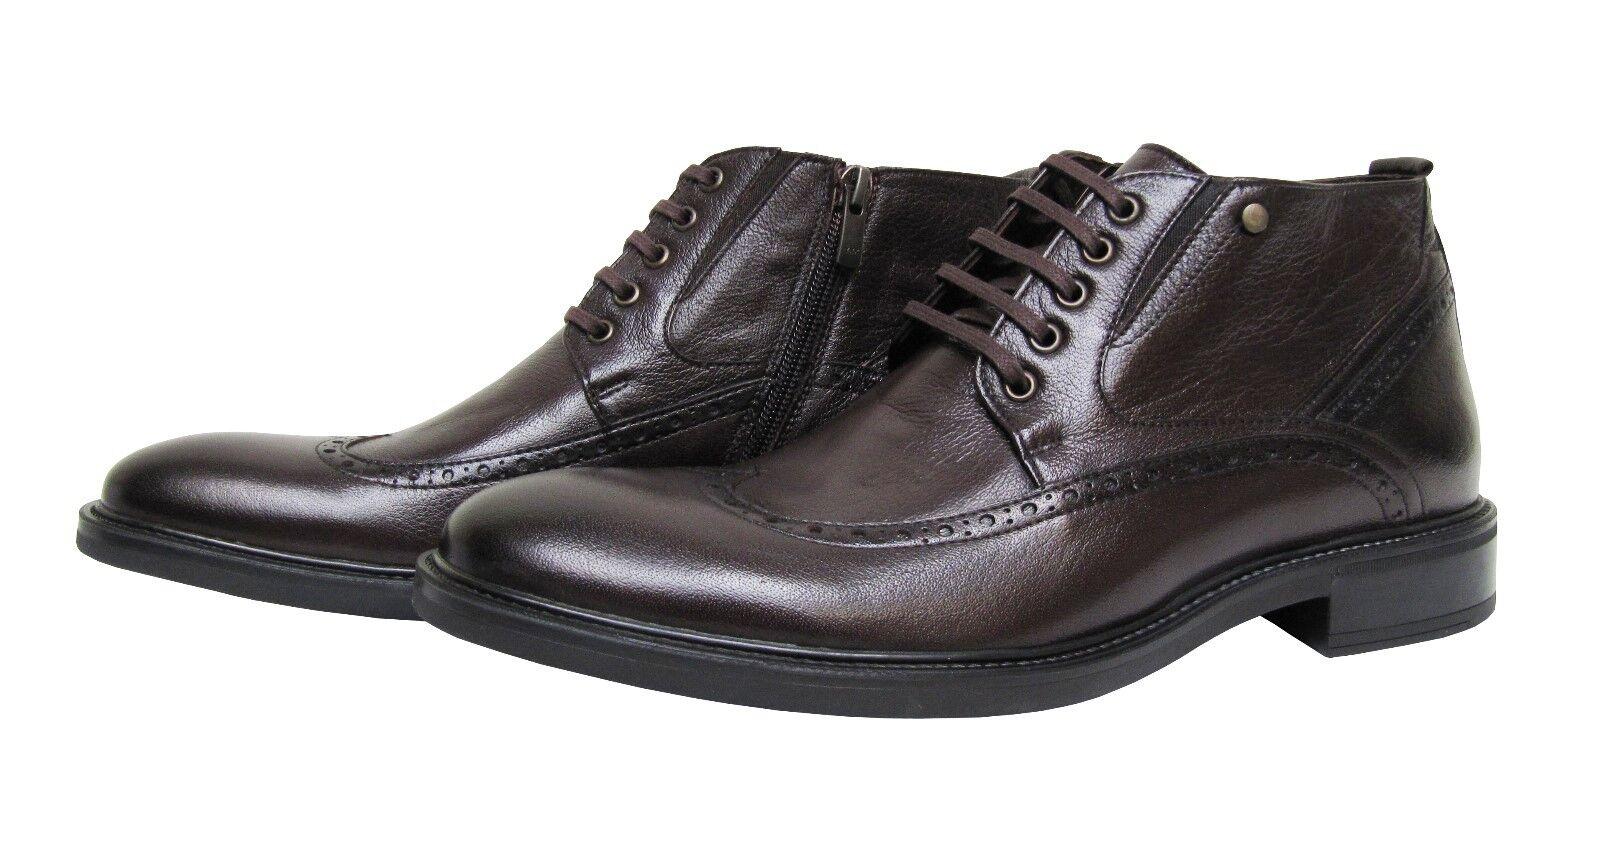 Billig gute Qualität Herren Stiefeletten Leder Leder Leder Muga*1280*Gr.46 Braun 76c5ed